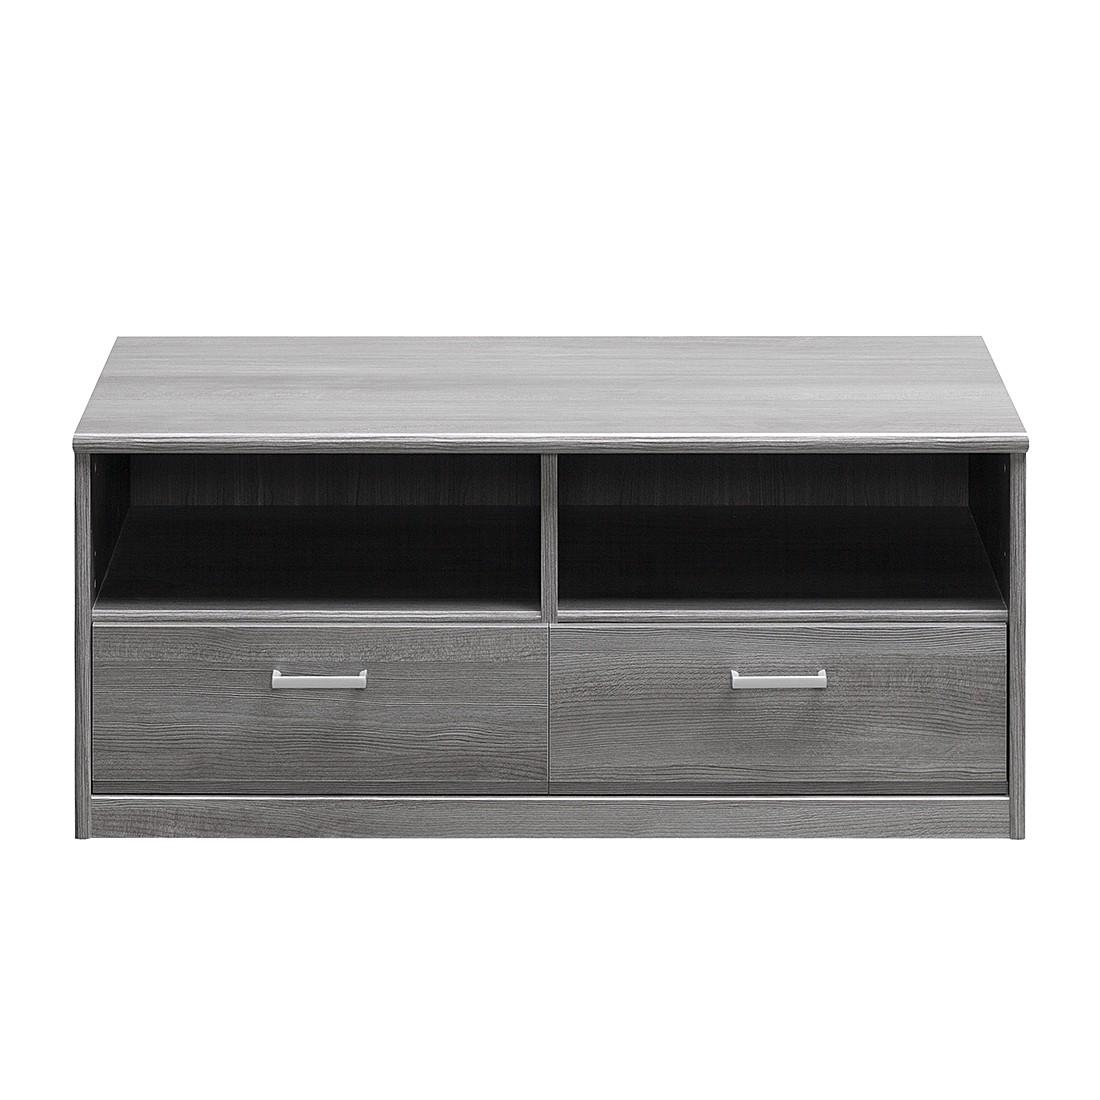 neu tv schrank cs schmal preisvergleiche erfahrungsberichte und kauf bei nextag. Black Bedroom Furniture Sets. Home Design Ideas